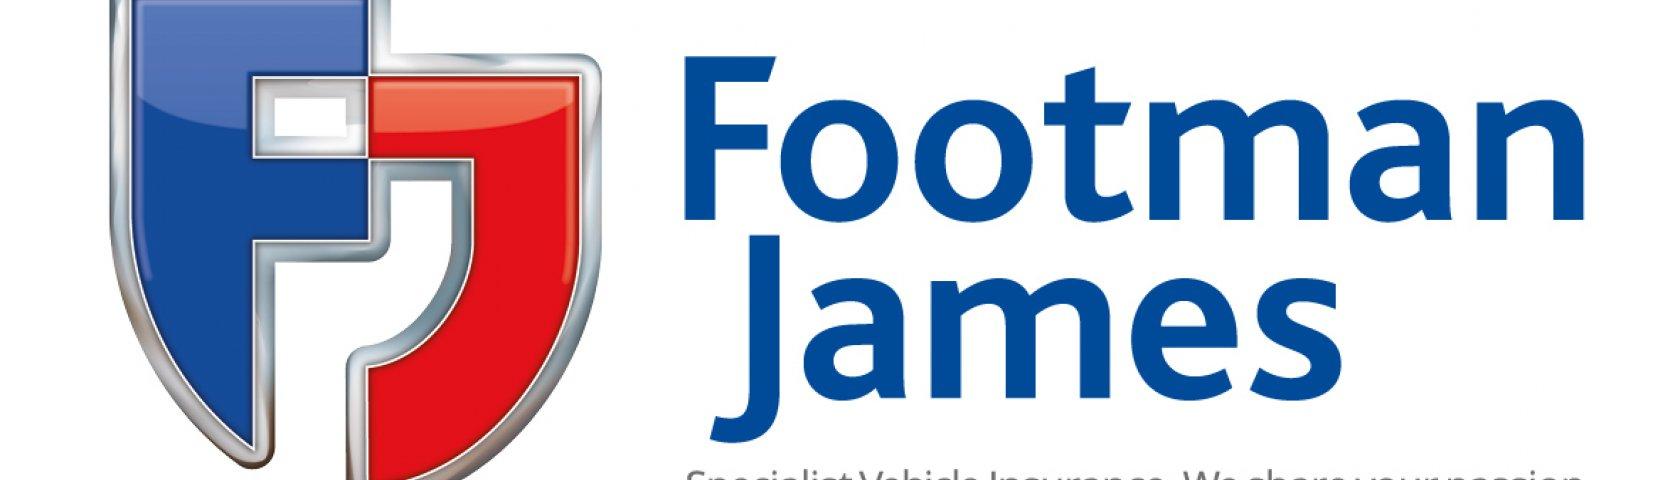 Fj Logo Svi Wsyp